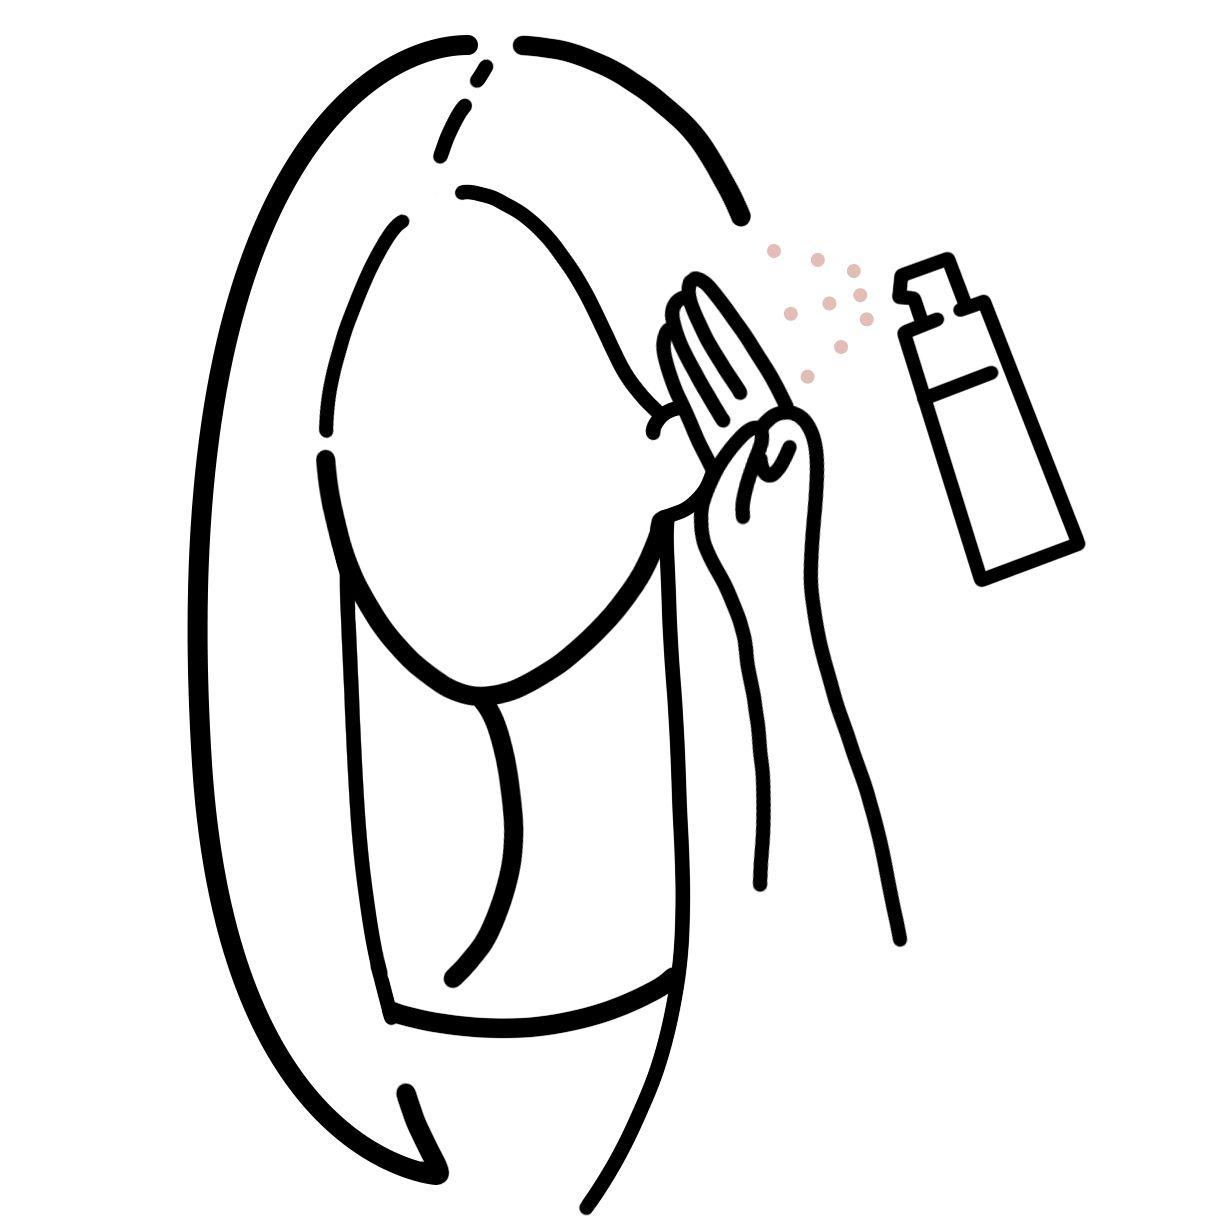 画像: 塗布する際は指3本分くらい離した距離から塗布してください。 塗布したところから、前頭〜頭頂部全体へなじませていきます。